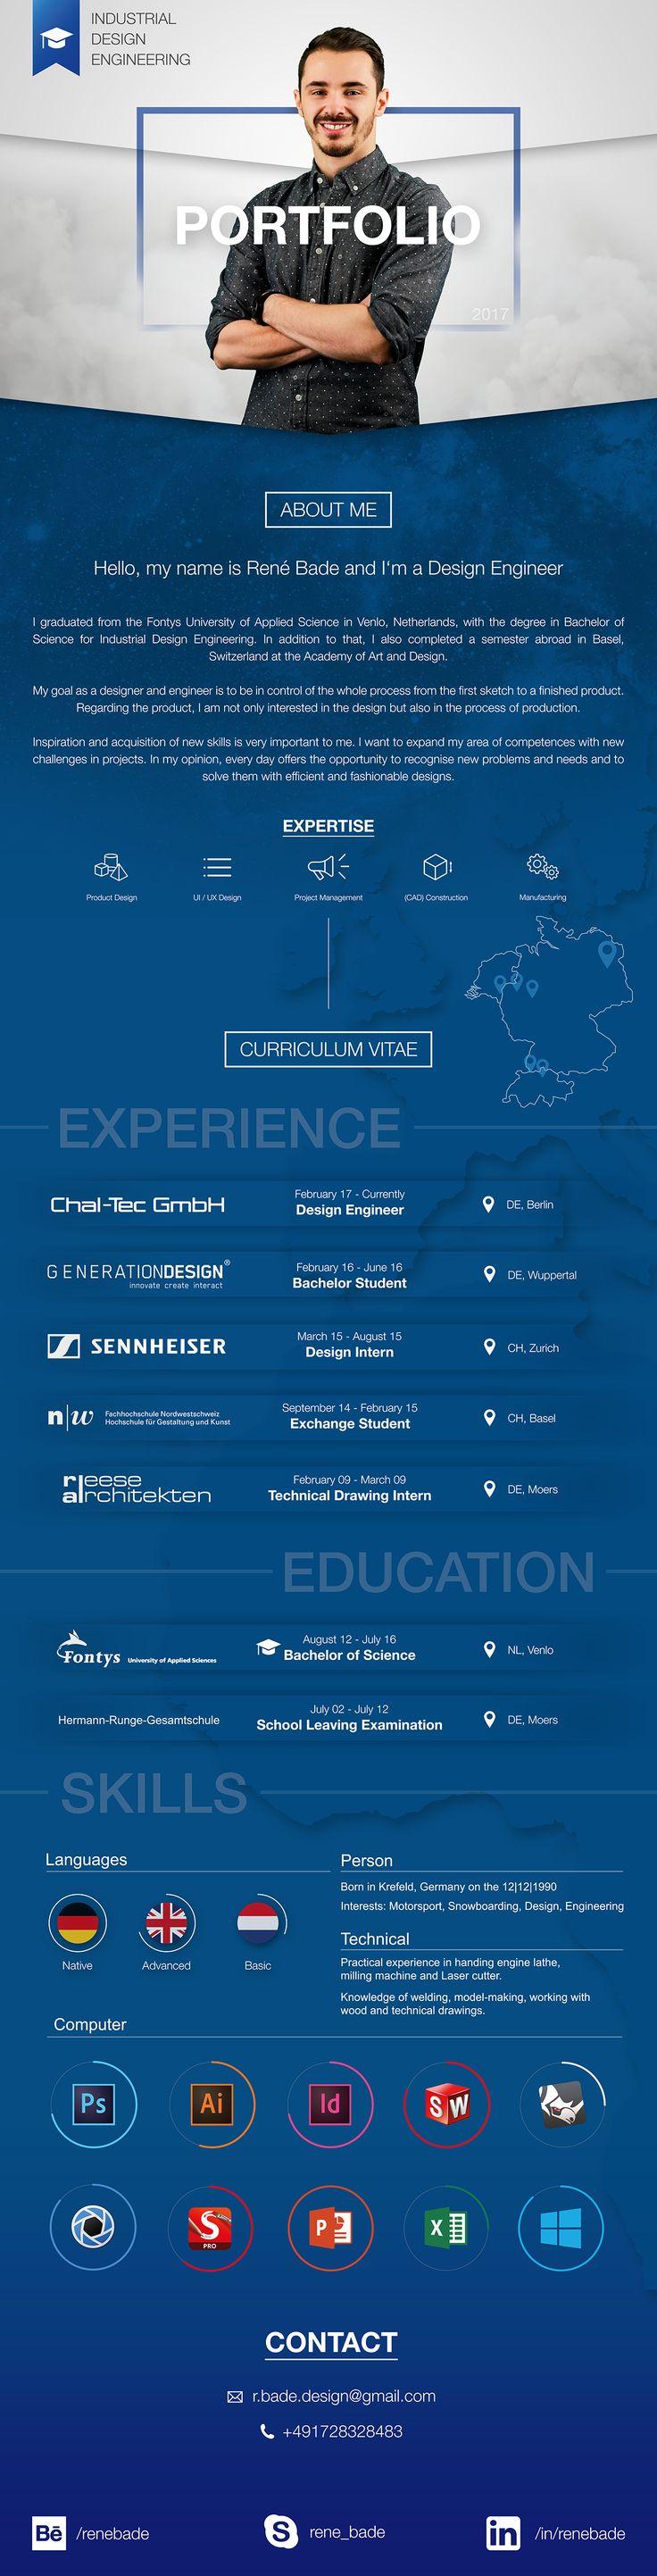 Portfolio Curriculum Vitae on Behance